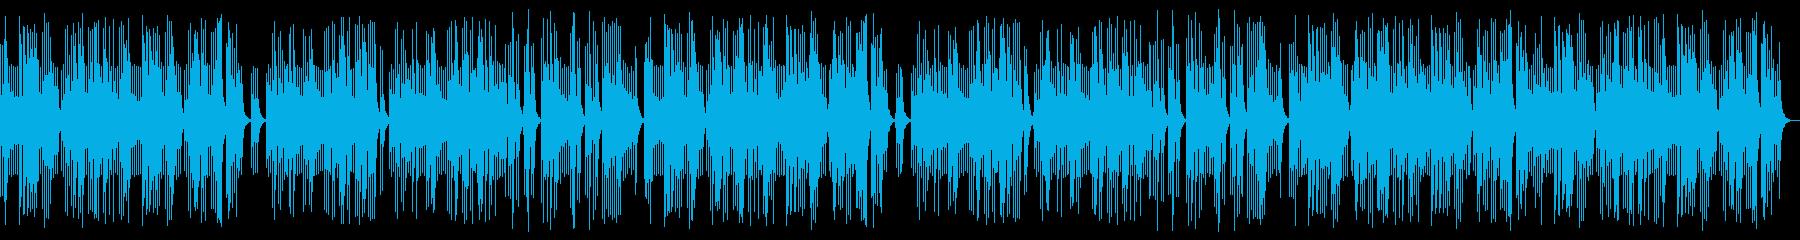 恋愛の癒しオルゴールBGMの再生済みの波形